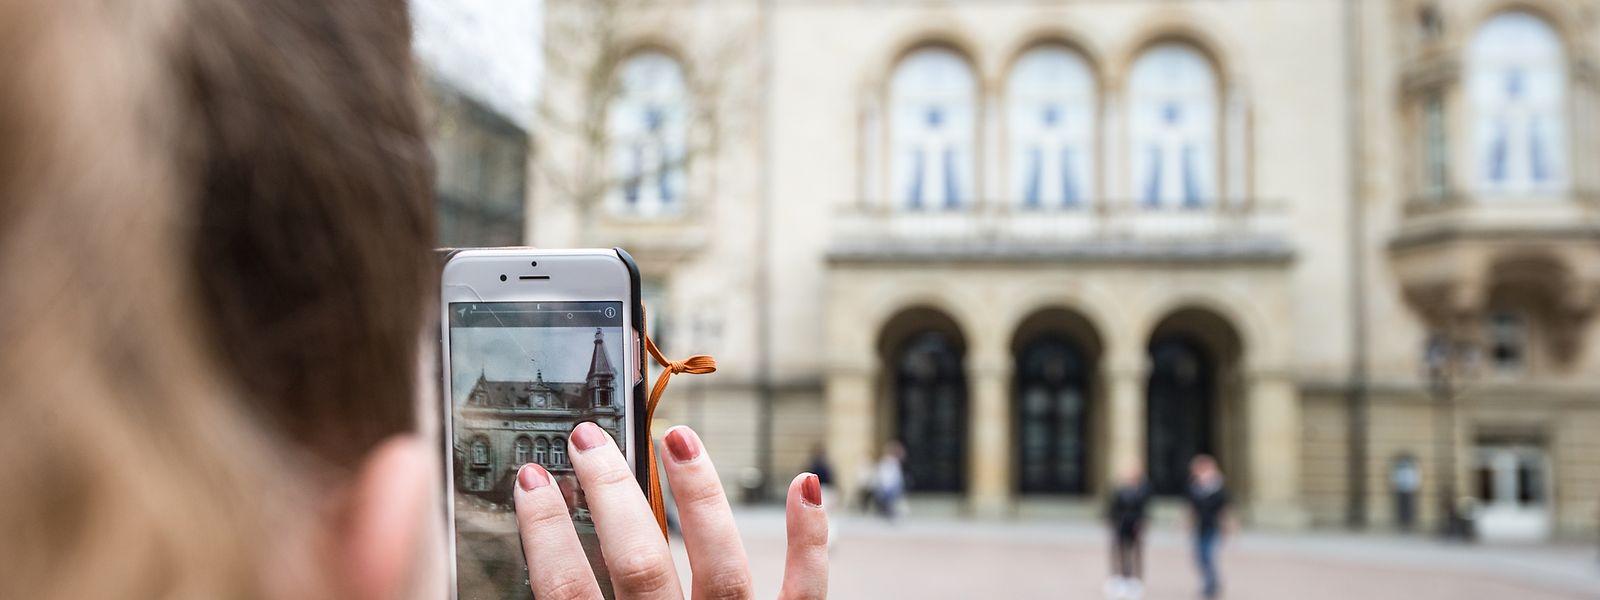 Beim Cercle auf der Place d'Armes zeigt die App immerhin etwas an – nämlich ein historisches Foto sowie Bilder aus dem Inneren. Weitere Informationen sucht man allerdings vergeblich.